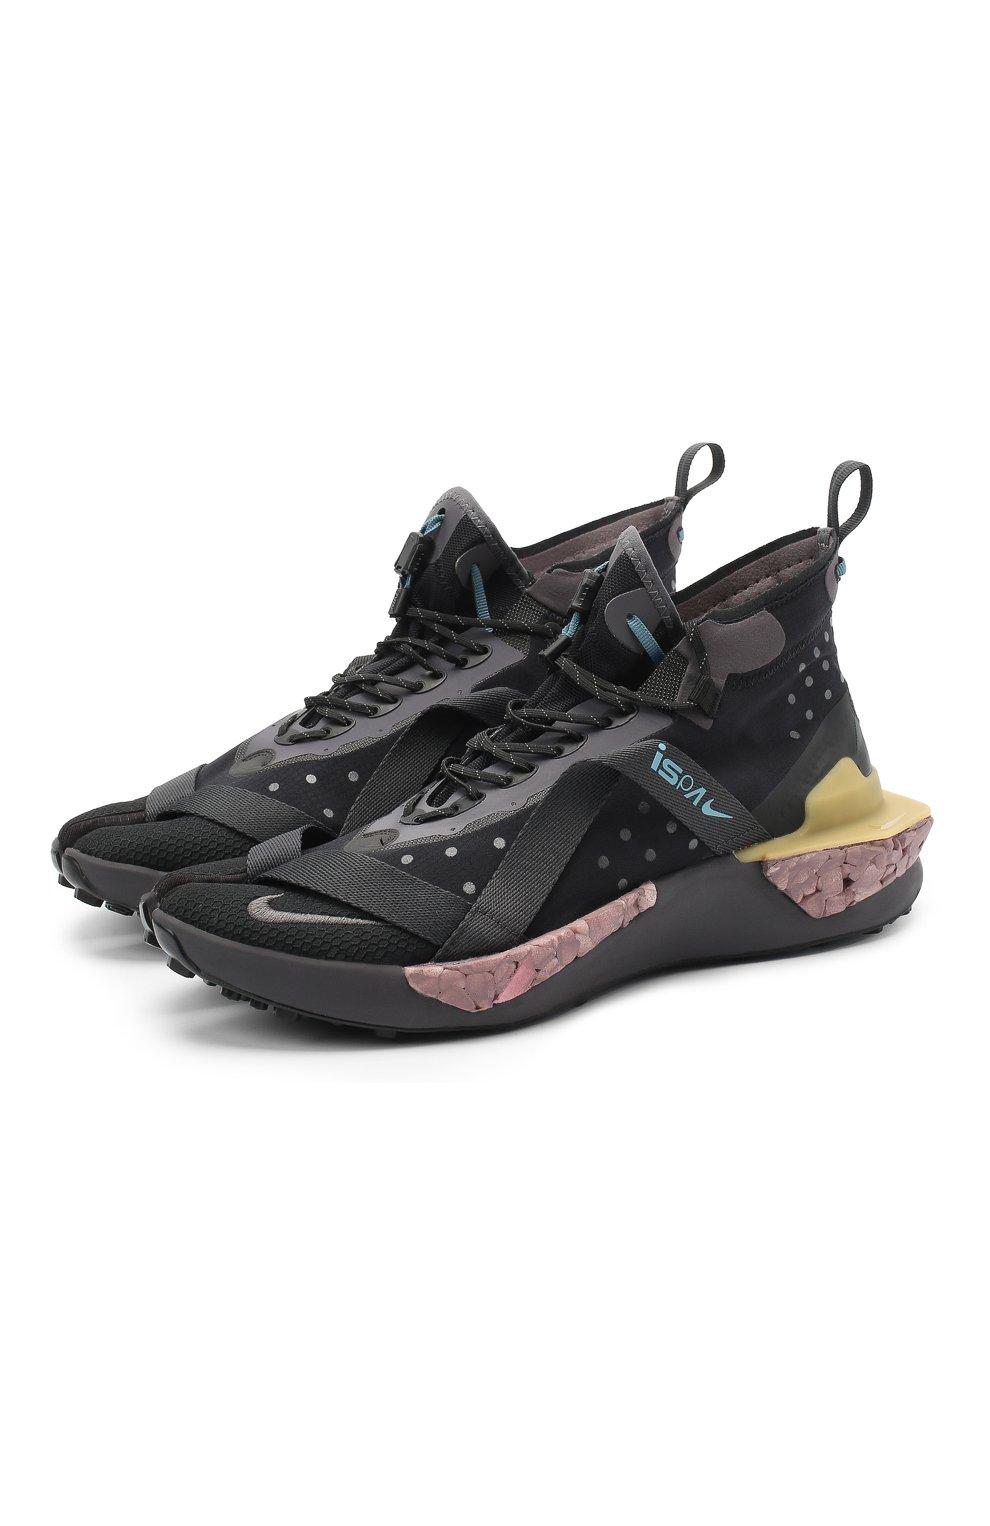 Мужские черные кроссовки ispa drifter split NIKELAB — купить за 15999 руб. в интернет-магазине ЦУМ, арт. AV0733-002